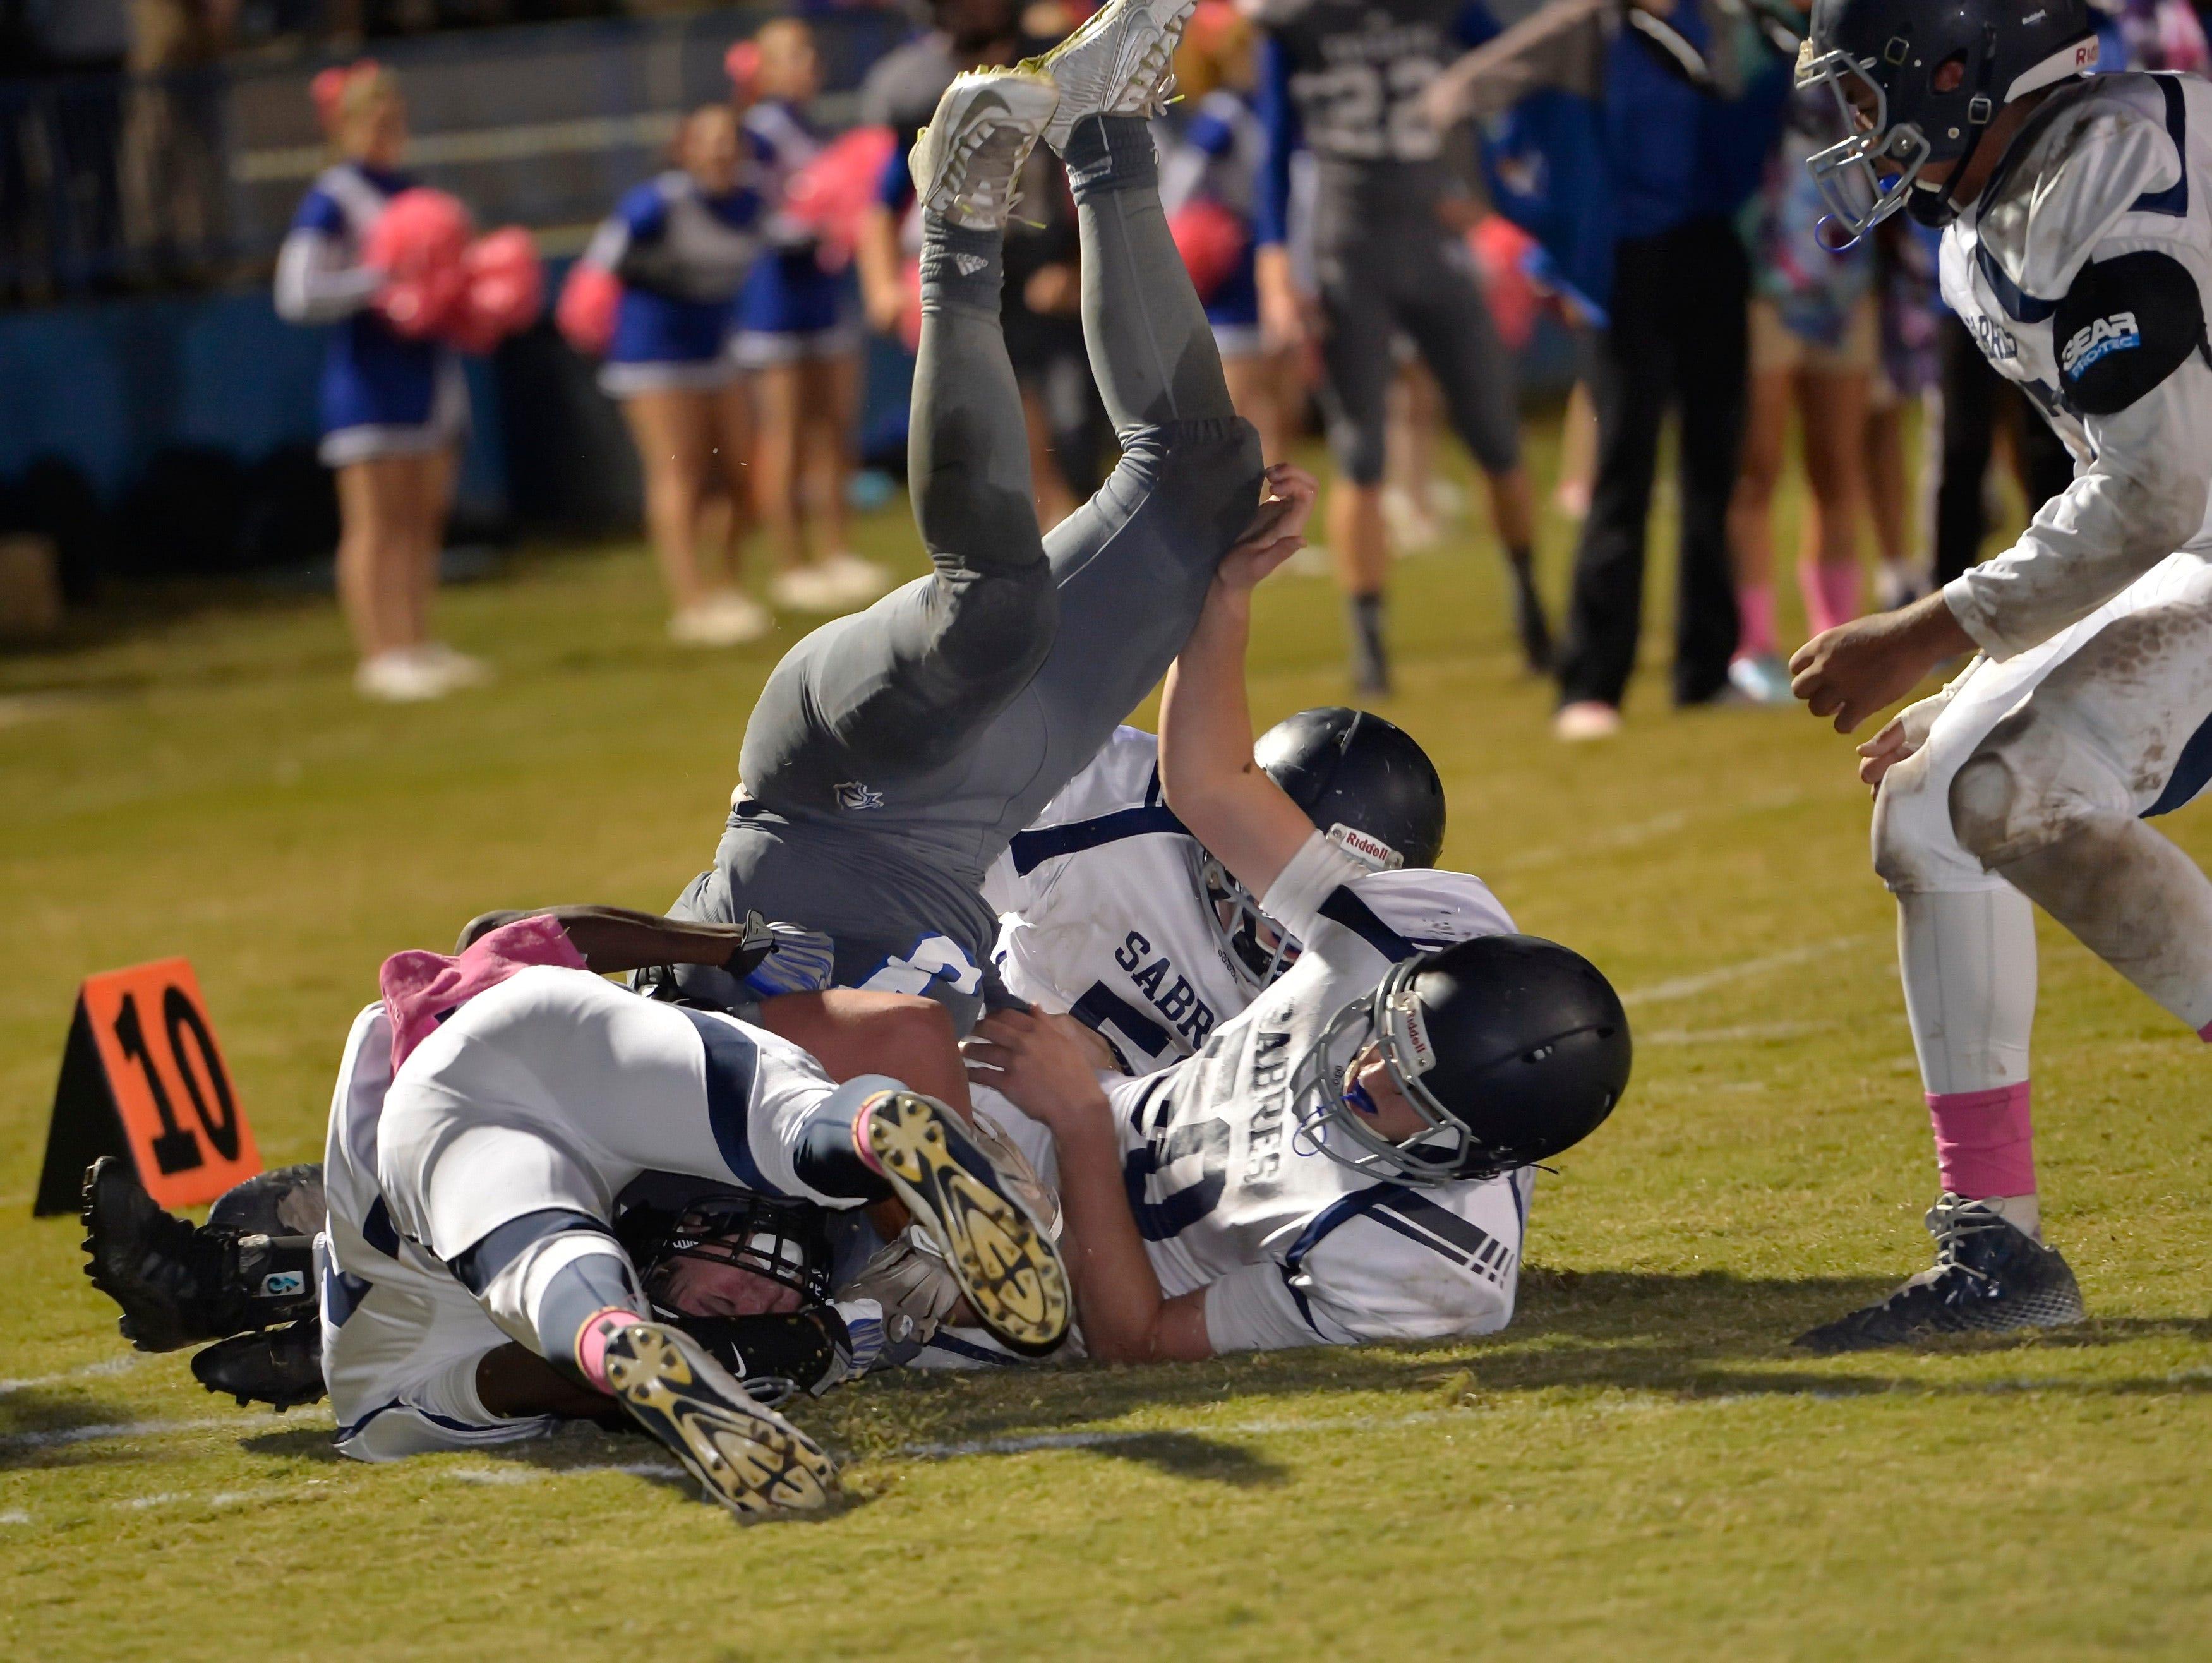 St. Joe's Luke Bikulege topples down inside the 10 yard line against Southside Christian Friday night.